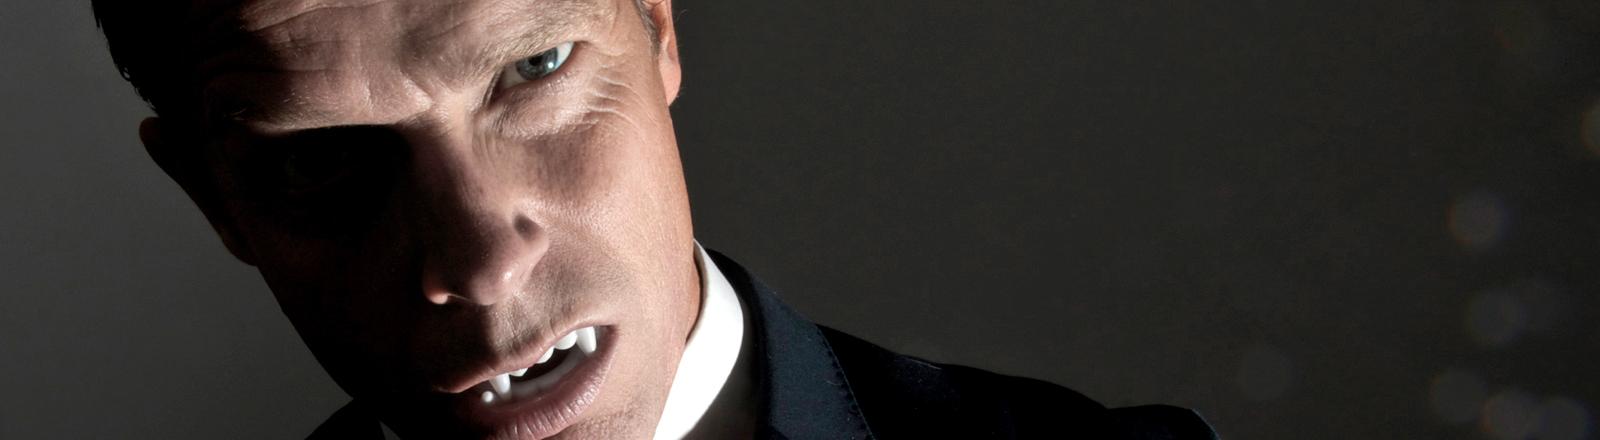 Ein Mann schaut grimmig in die Kamera. Er hat den Mund leicht geöffnet und zeigt lange Eckzähne.